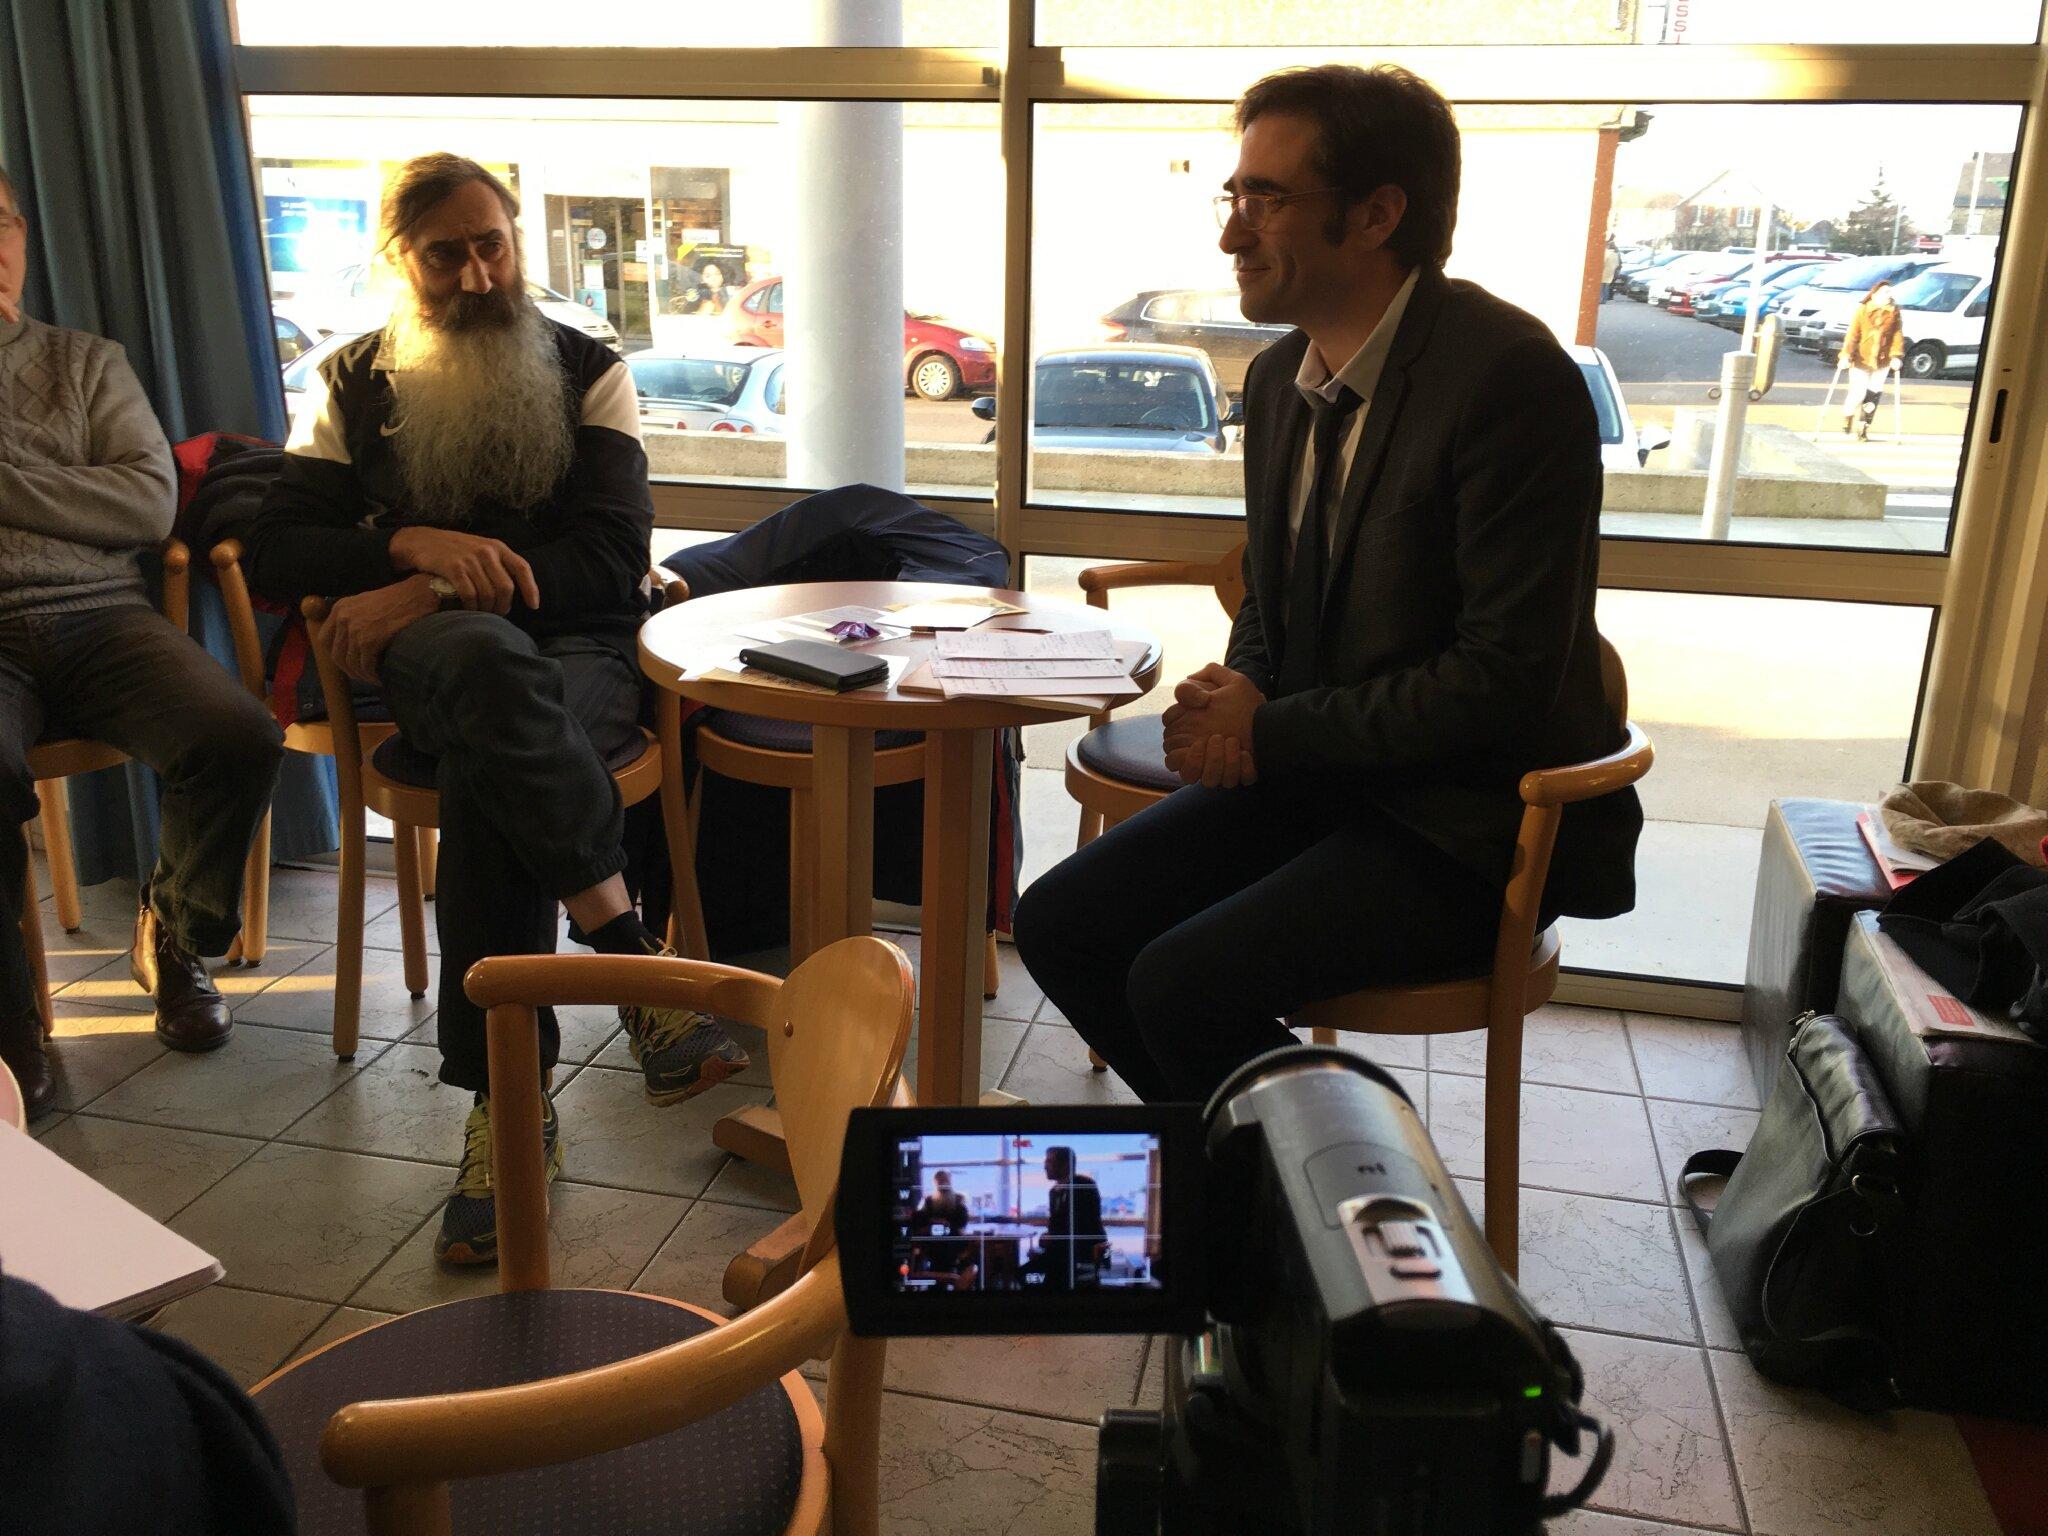 Miloud Mansour candidat Front de Gauche aux élections législatives 2017 dans le sud Manche